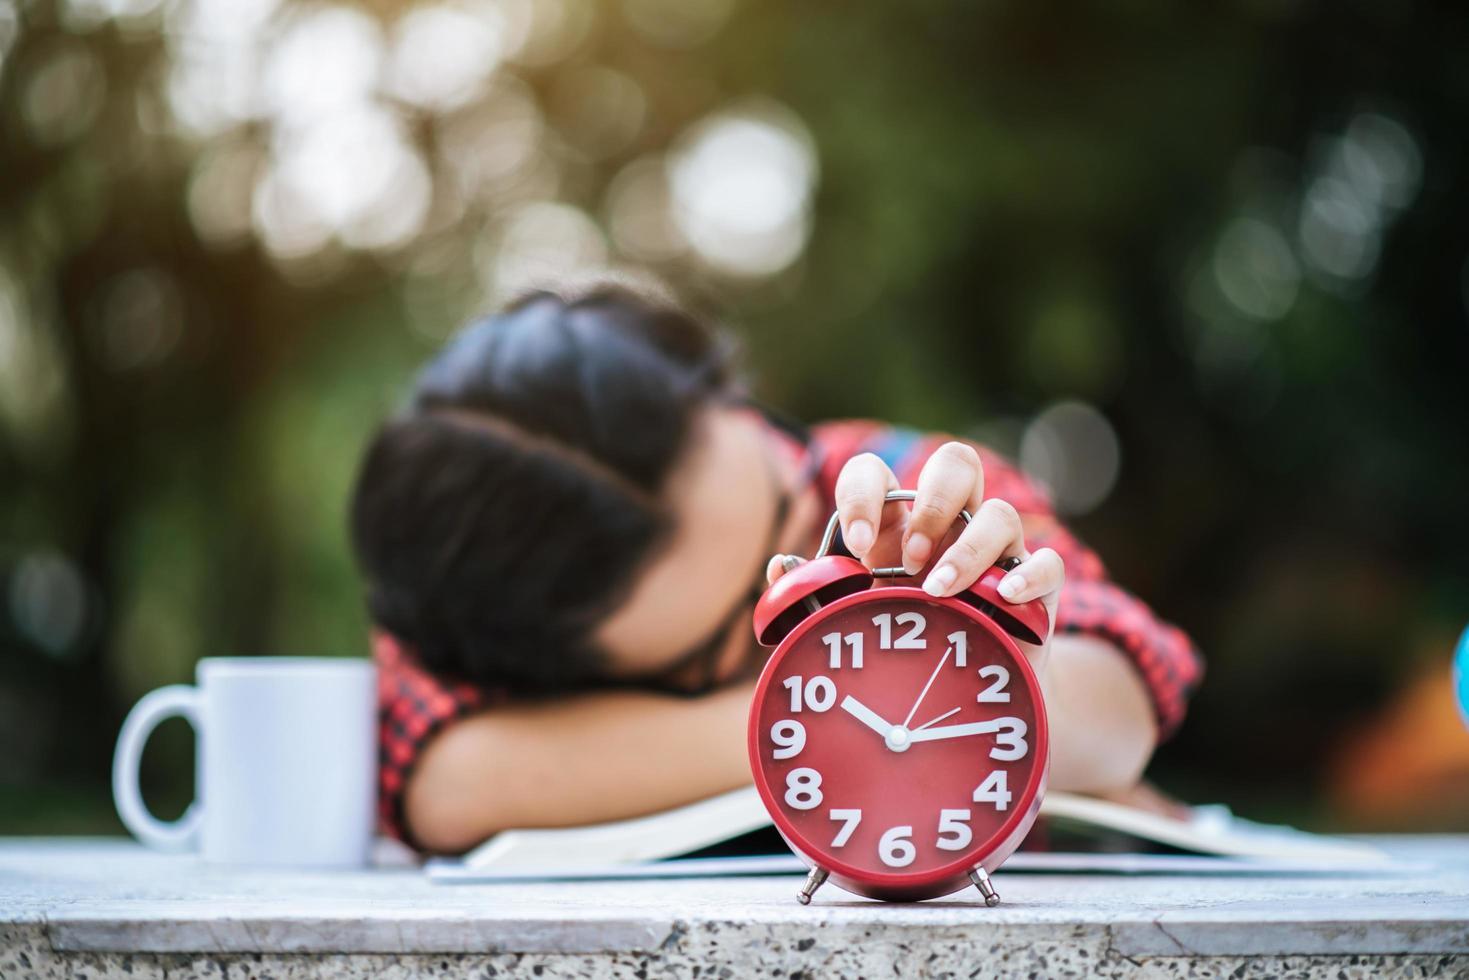 jeune fille couchée sur le bureau après avoir lu un livre à l'extérieur photo